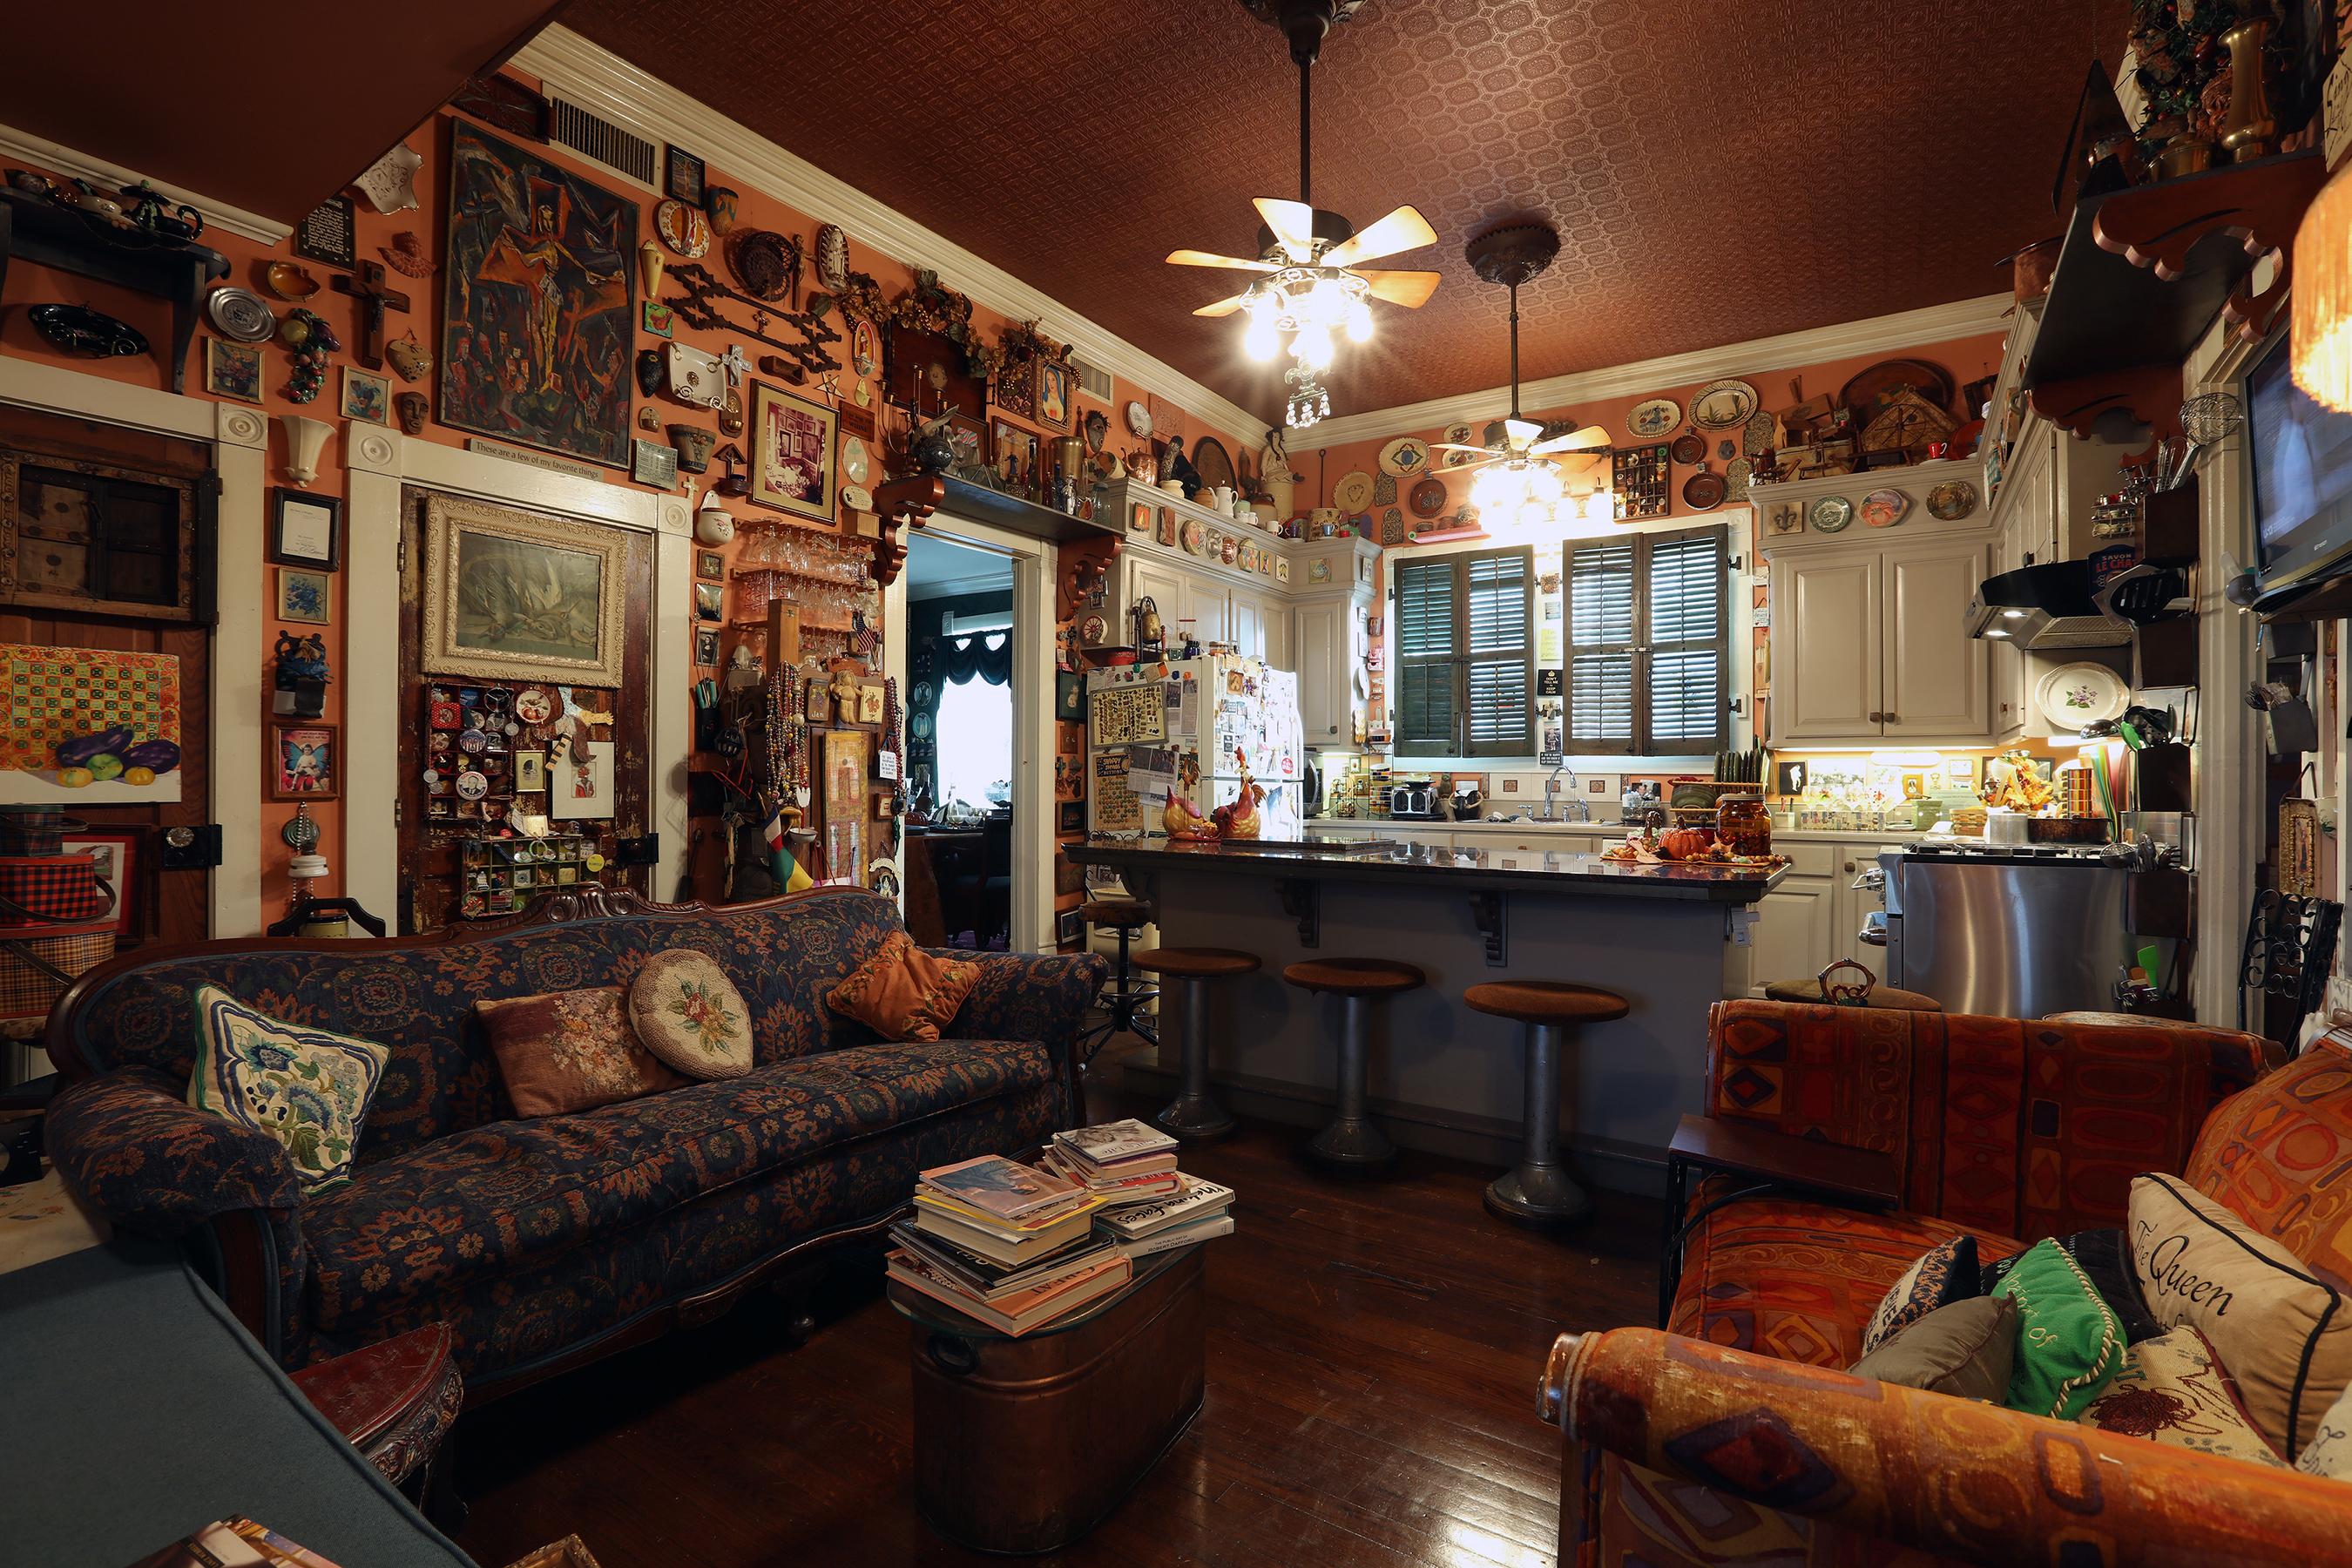 Kitchen-Sitting Area